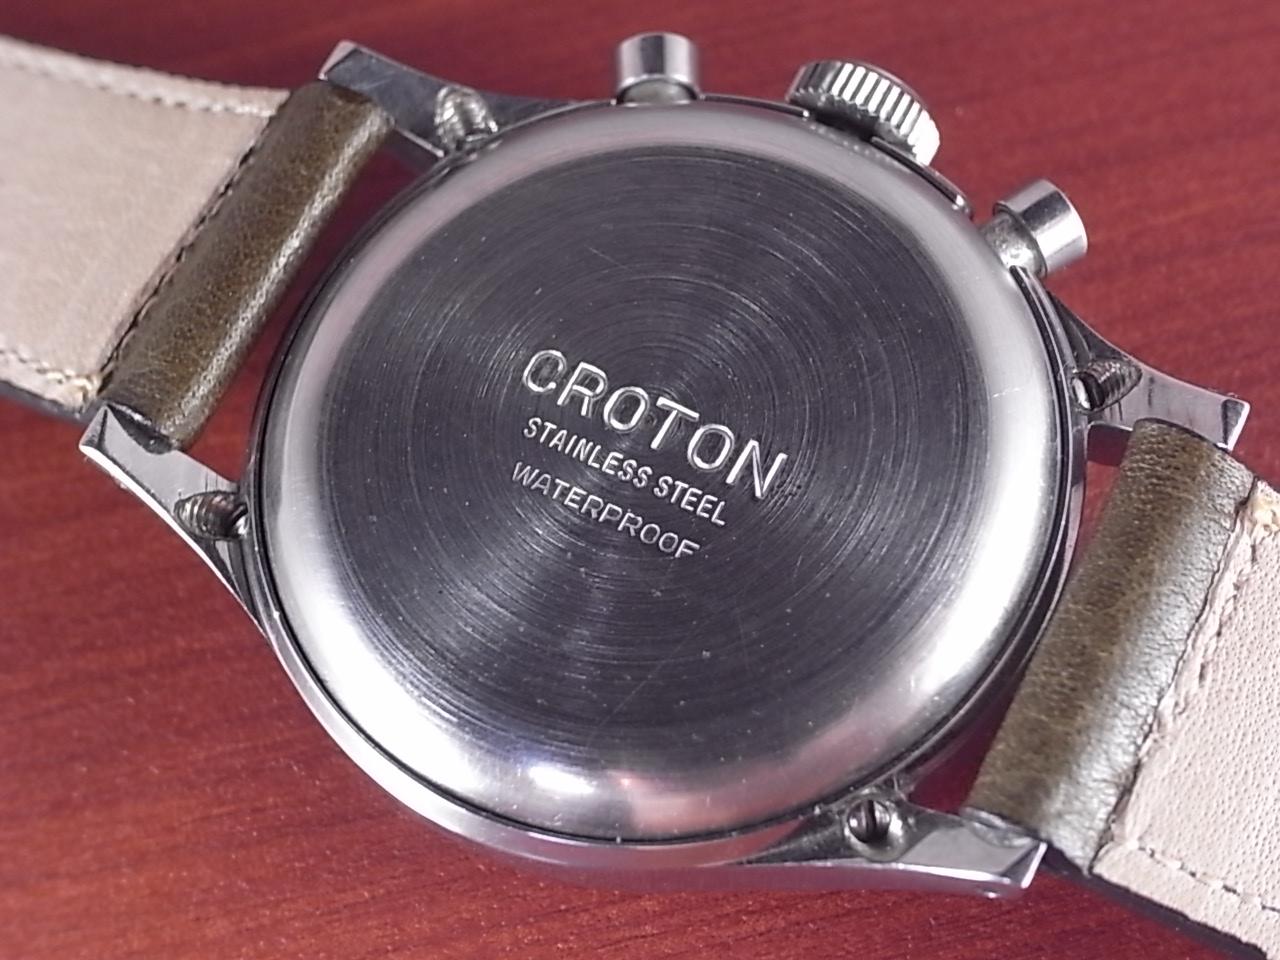 クロトン クロノグラフ バルジュー77 クラムシェルケース 1940年代の写真4枚目